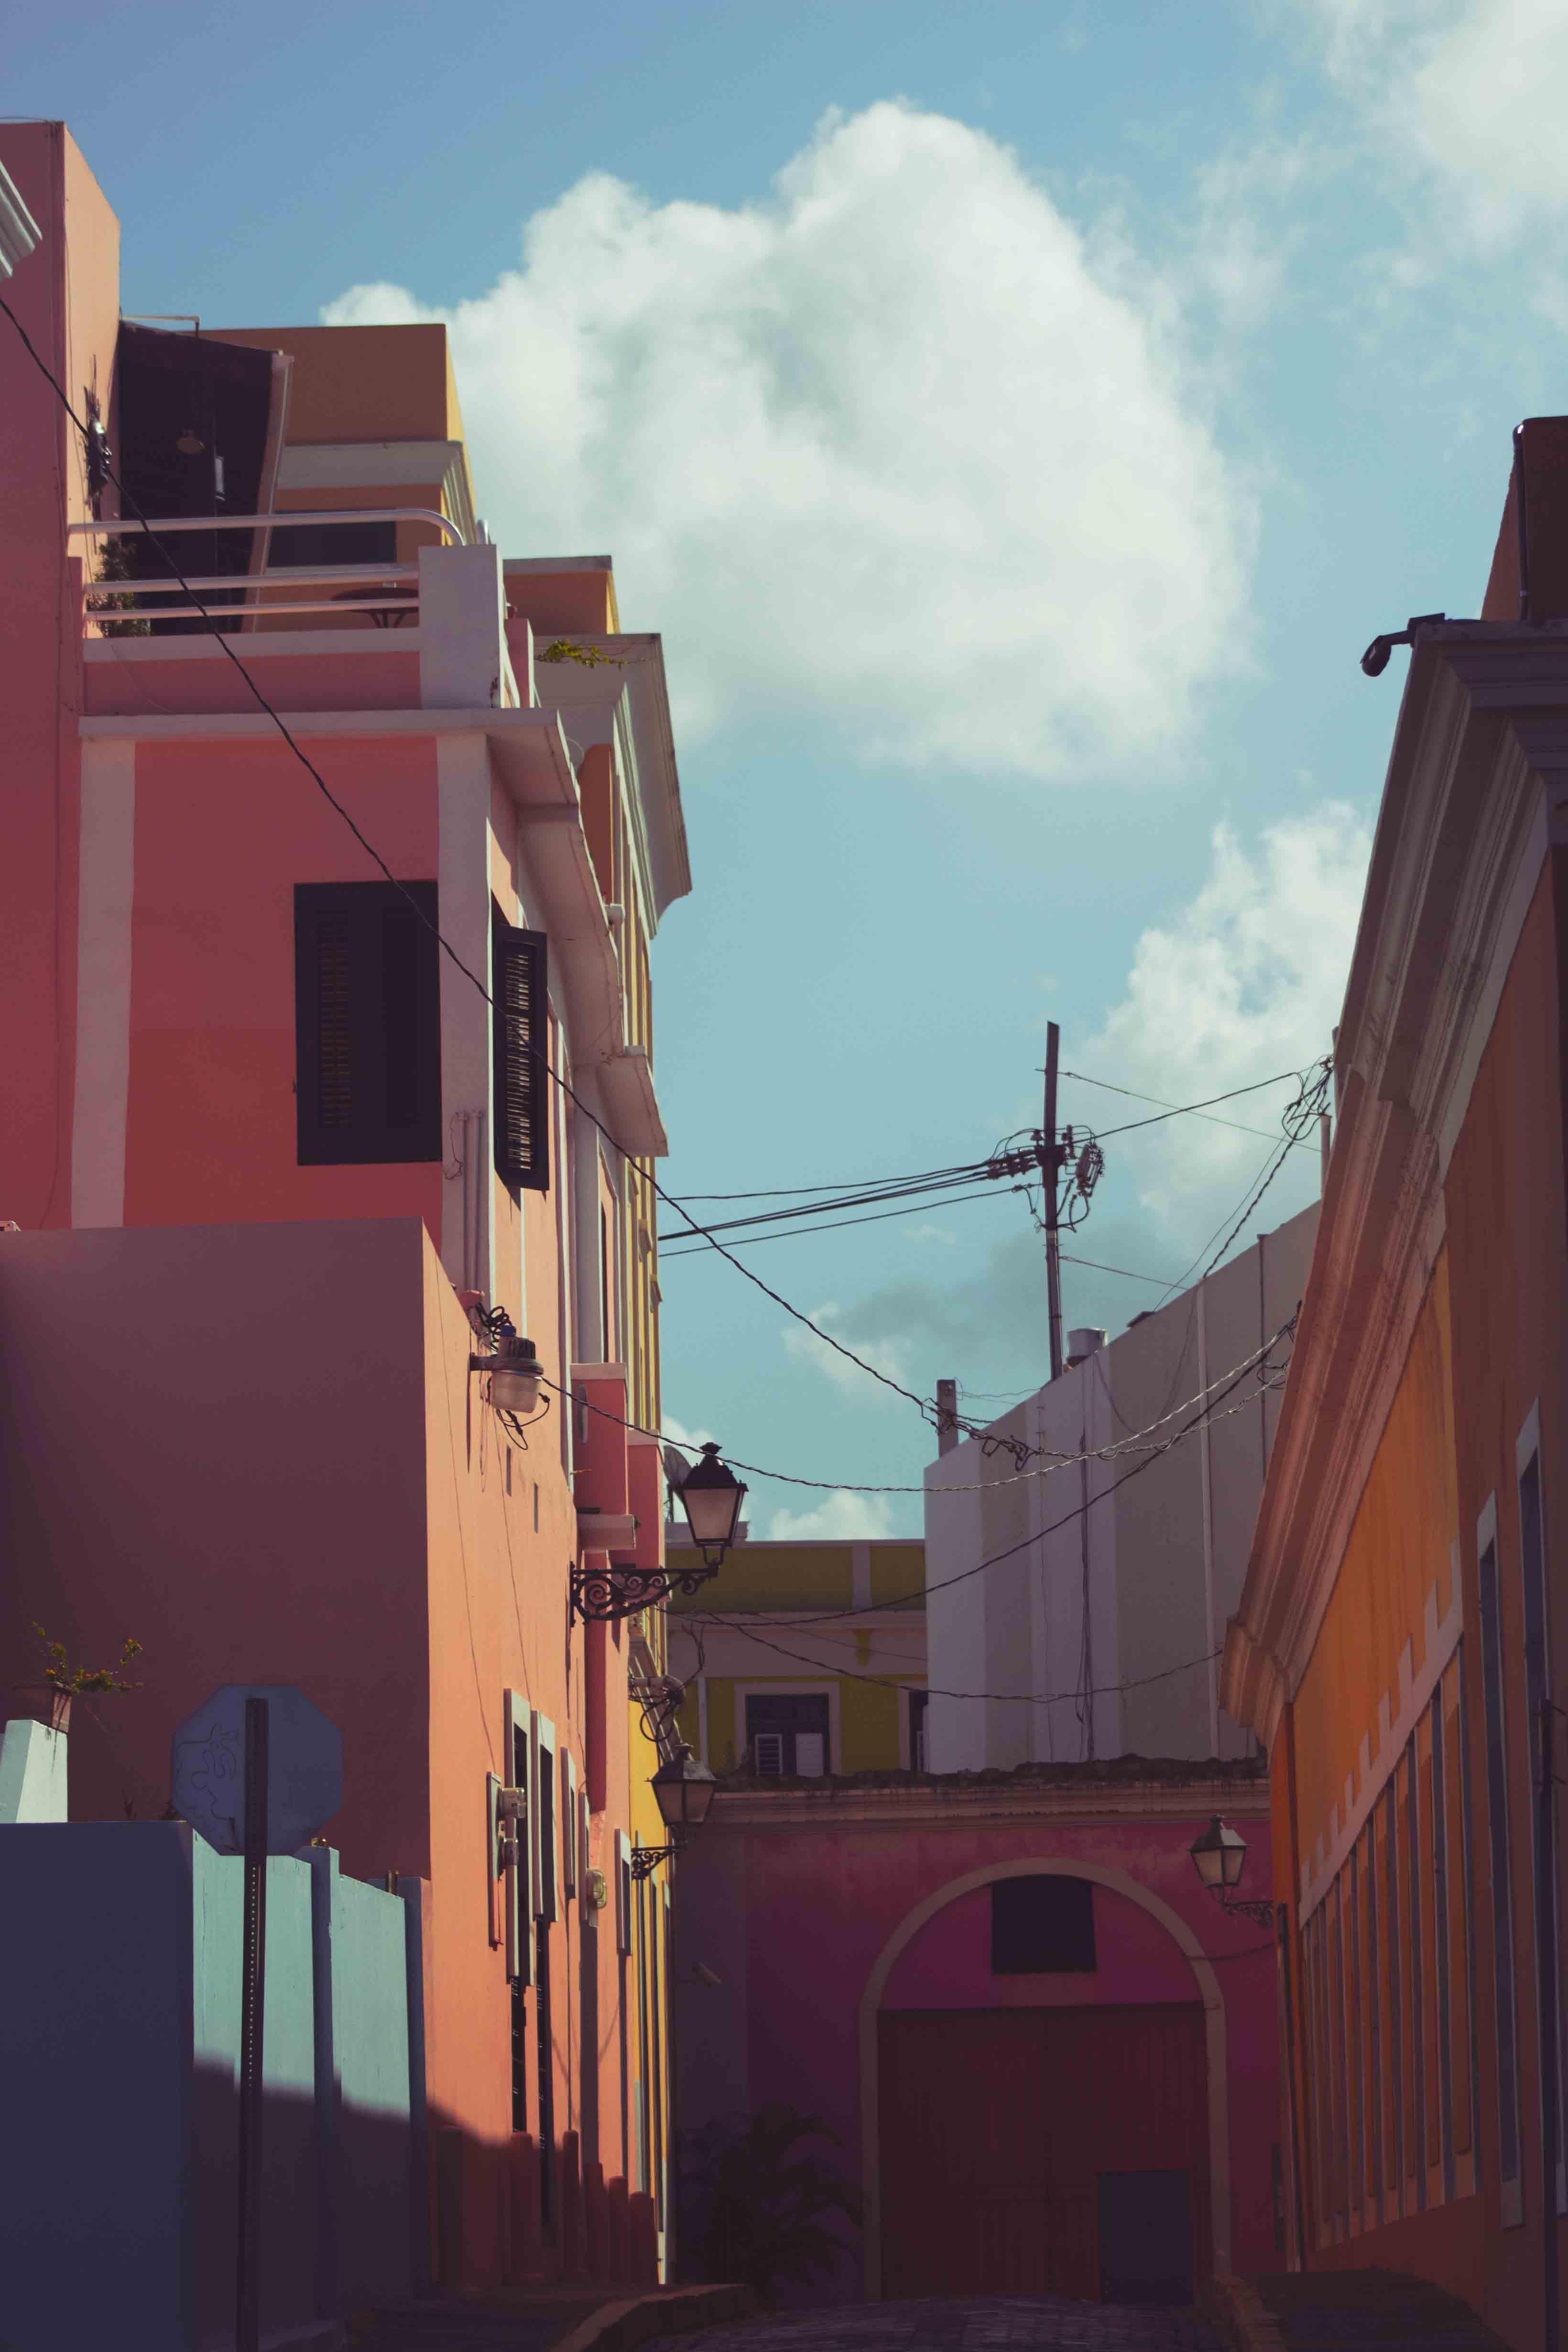 Kostenloses Stock Foto zu architektur, außen, blauer himmel, bunt